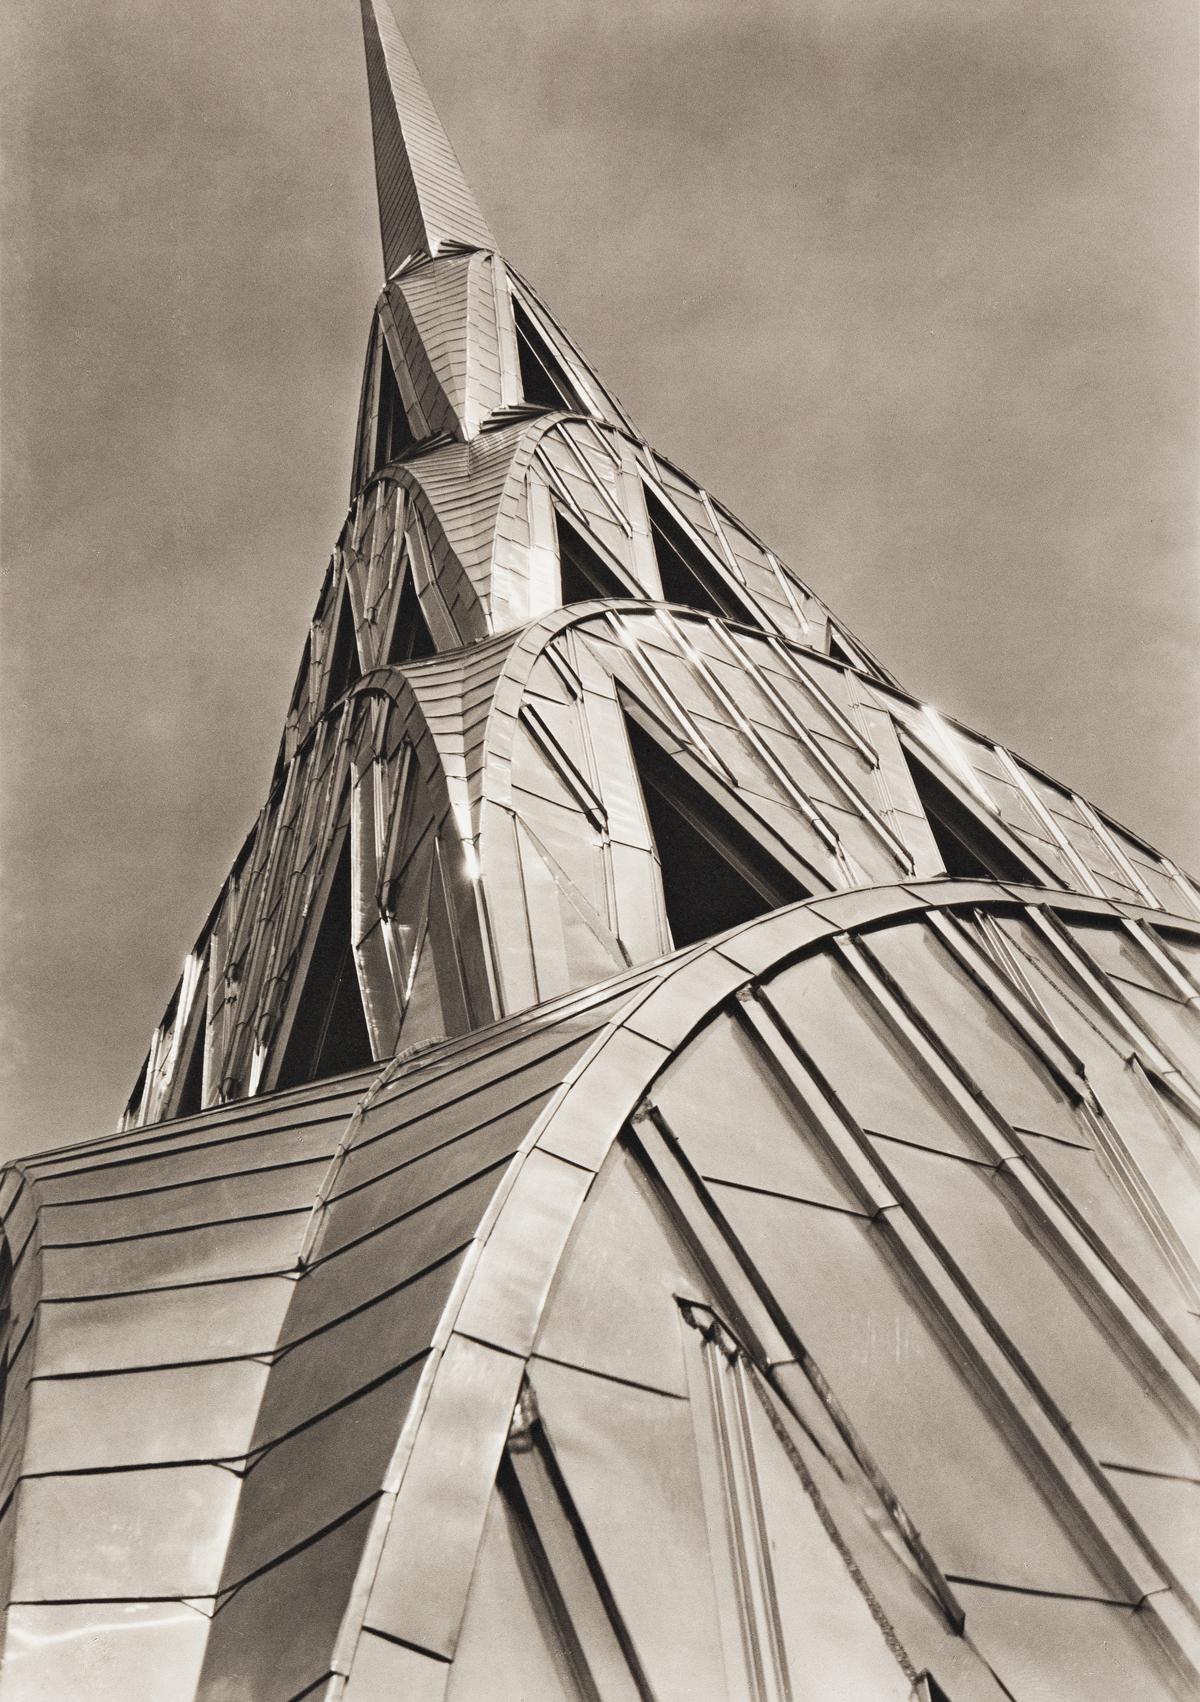 (MARGARET BOURKE-WHITE) (1904-1971) Chrysler Building, New York City.